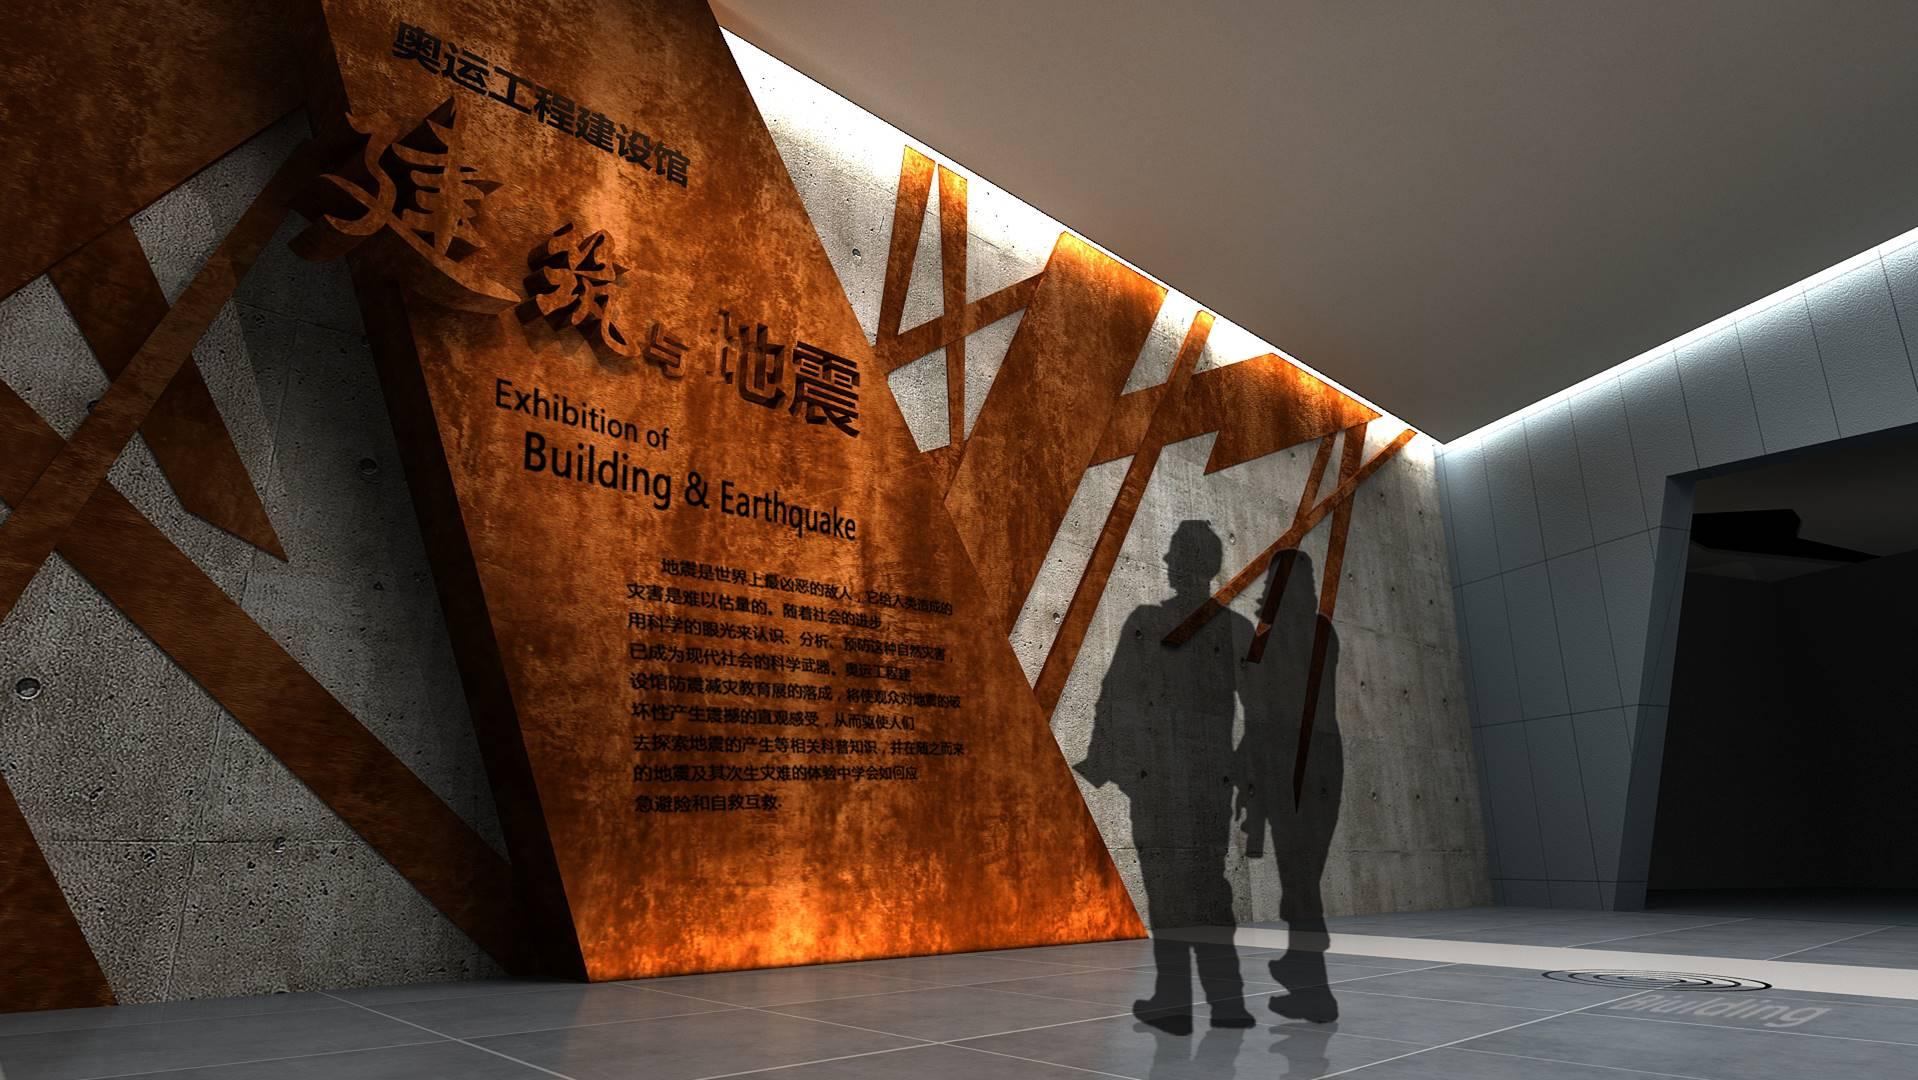 北京地震科普展示馆